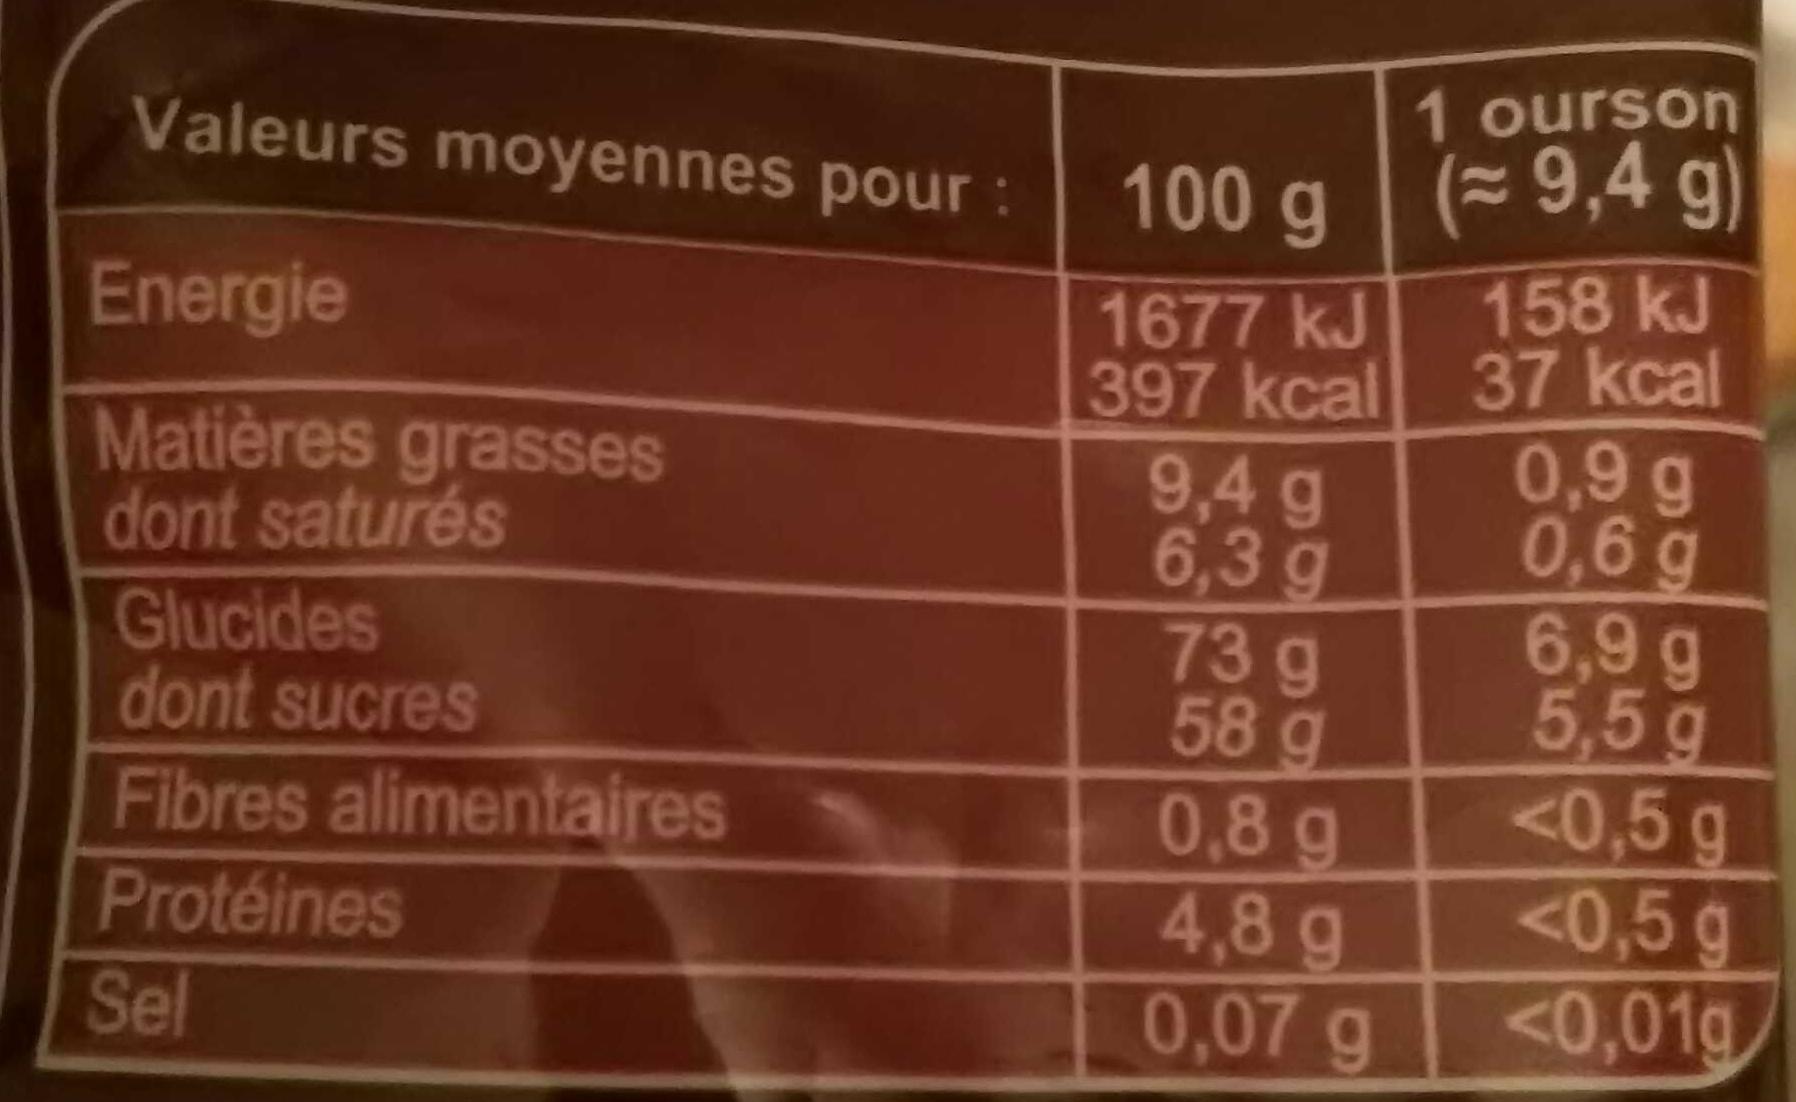 Oursons guimauve chocolat au lait - Nutrition facts